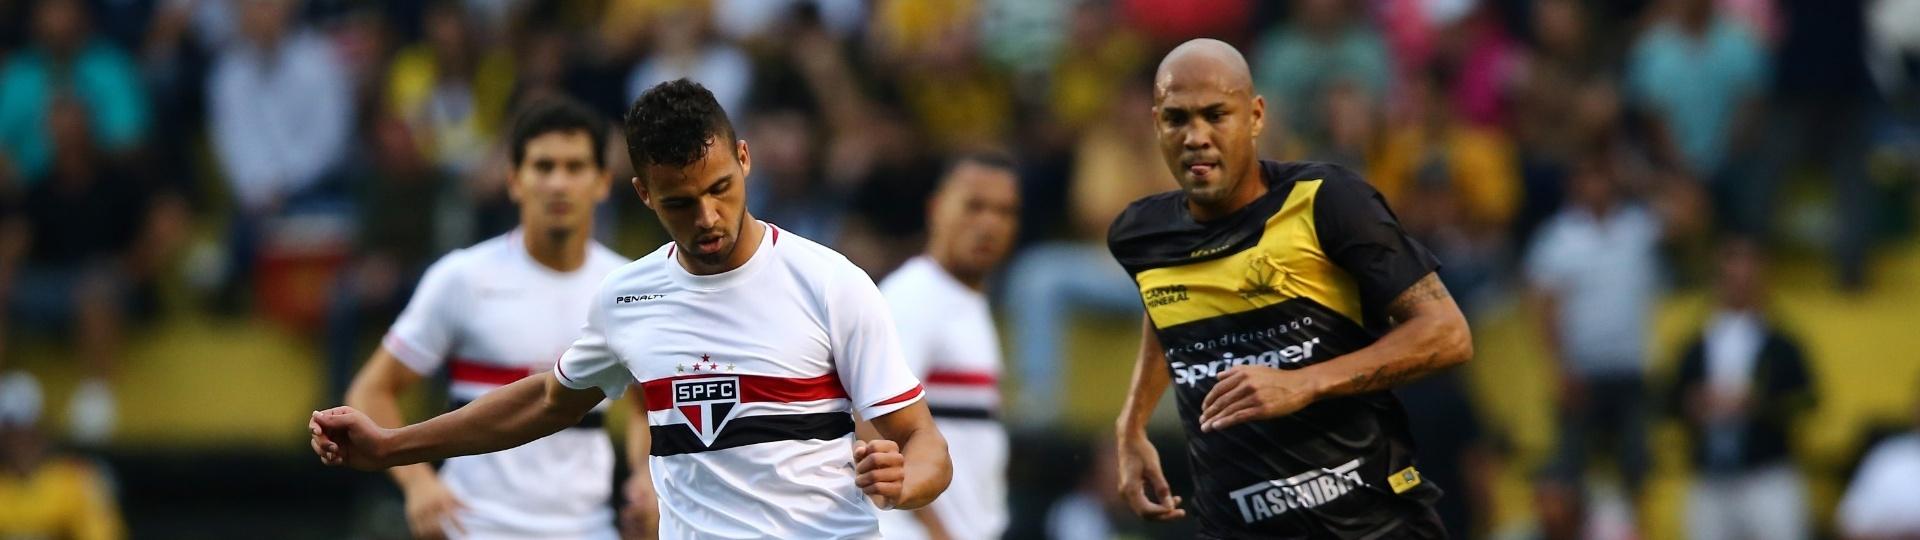 Lucão afasta o perigo da defesa do São Paulo no jogo contra o Criciúma